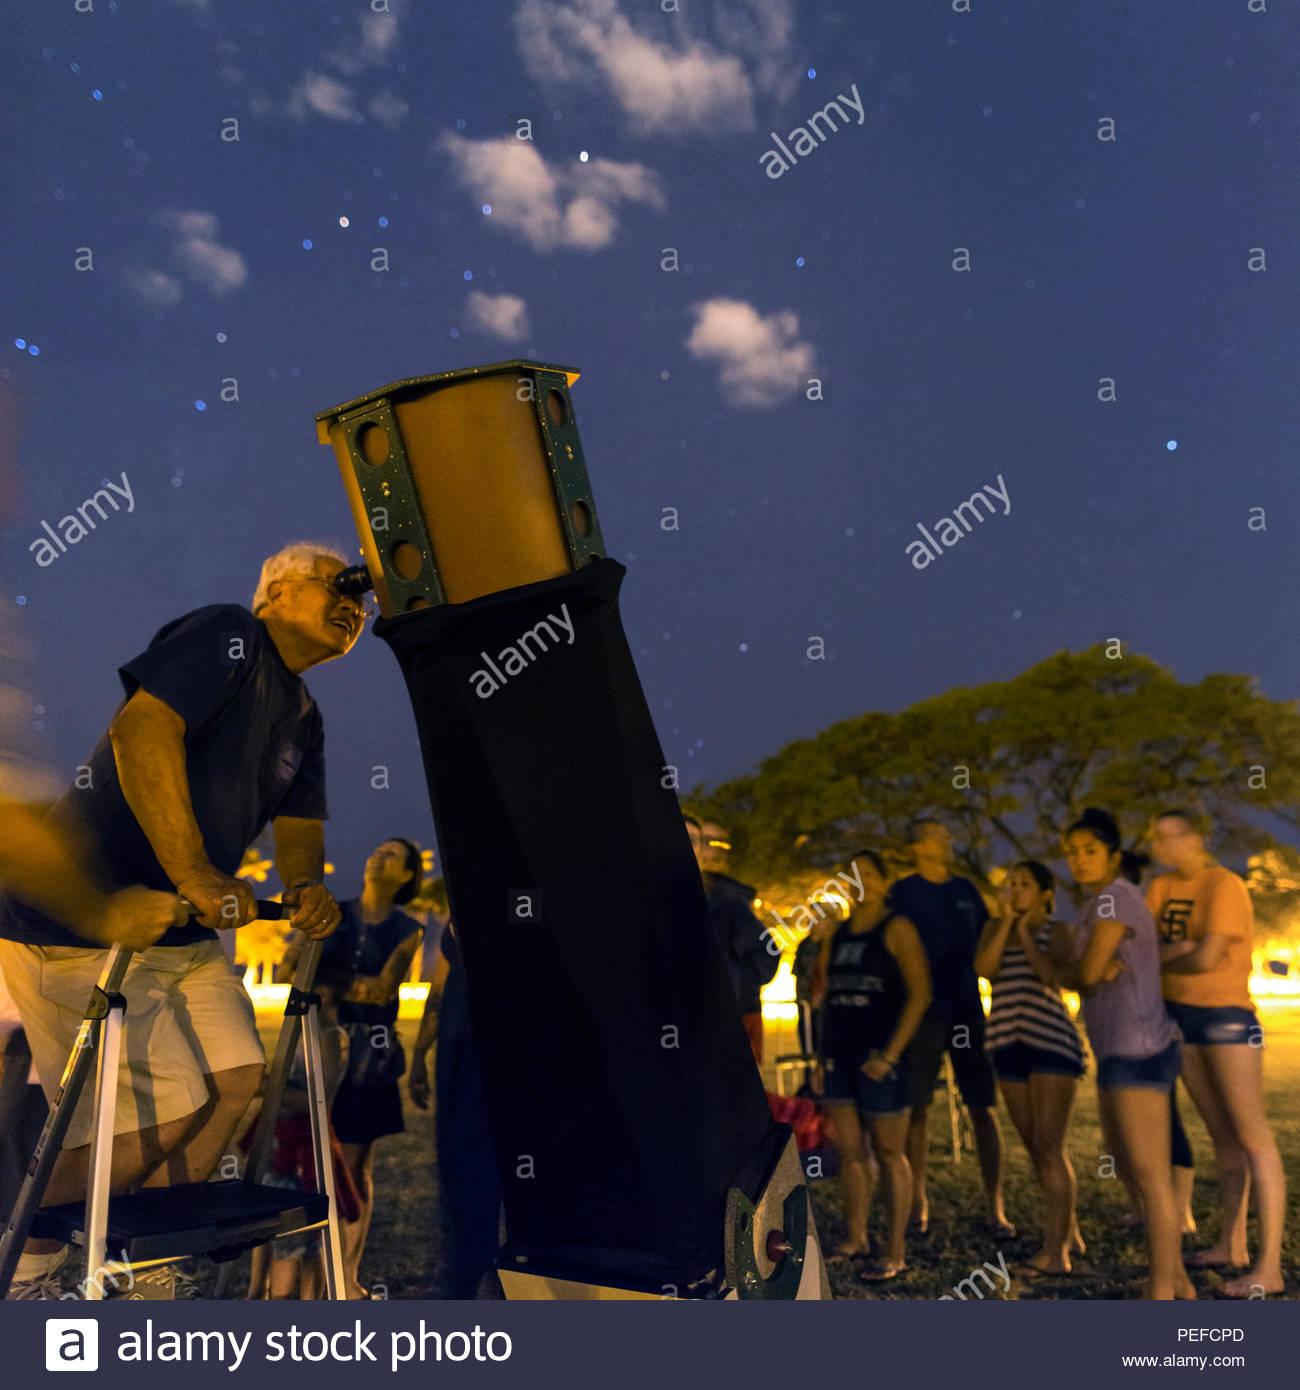 Pubblico di guardare le stelle con un telescopio Dobsonian a Honolulu, Hawaii. Foto Stock